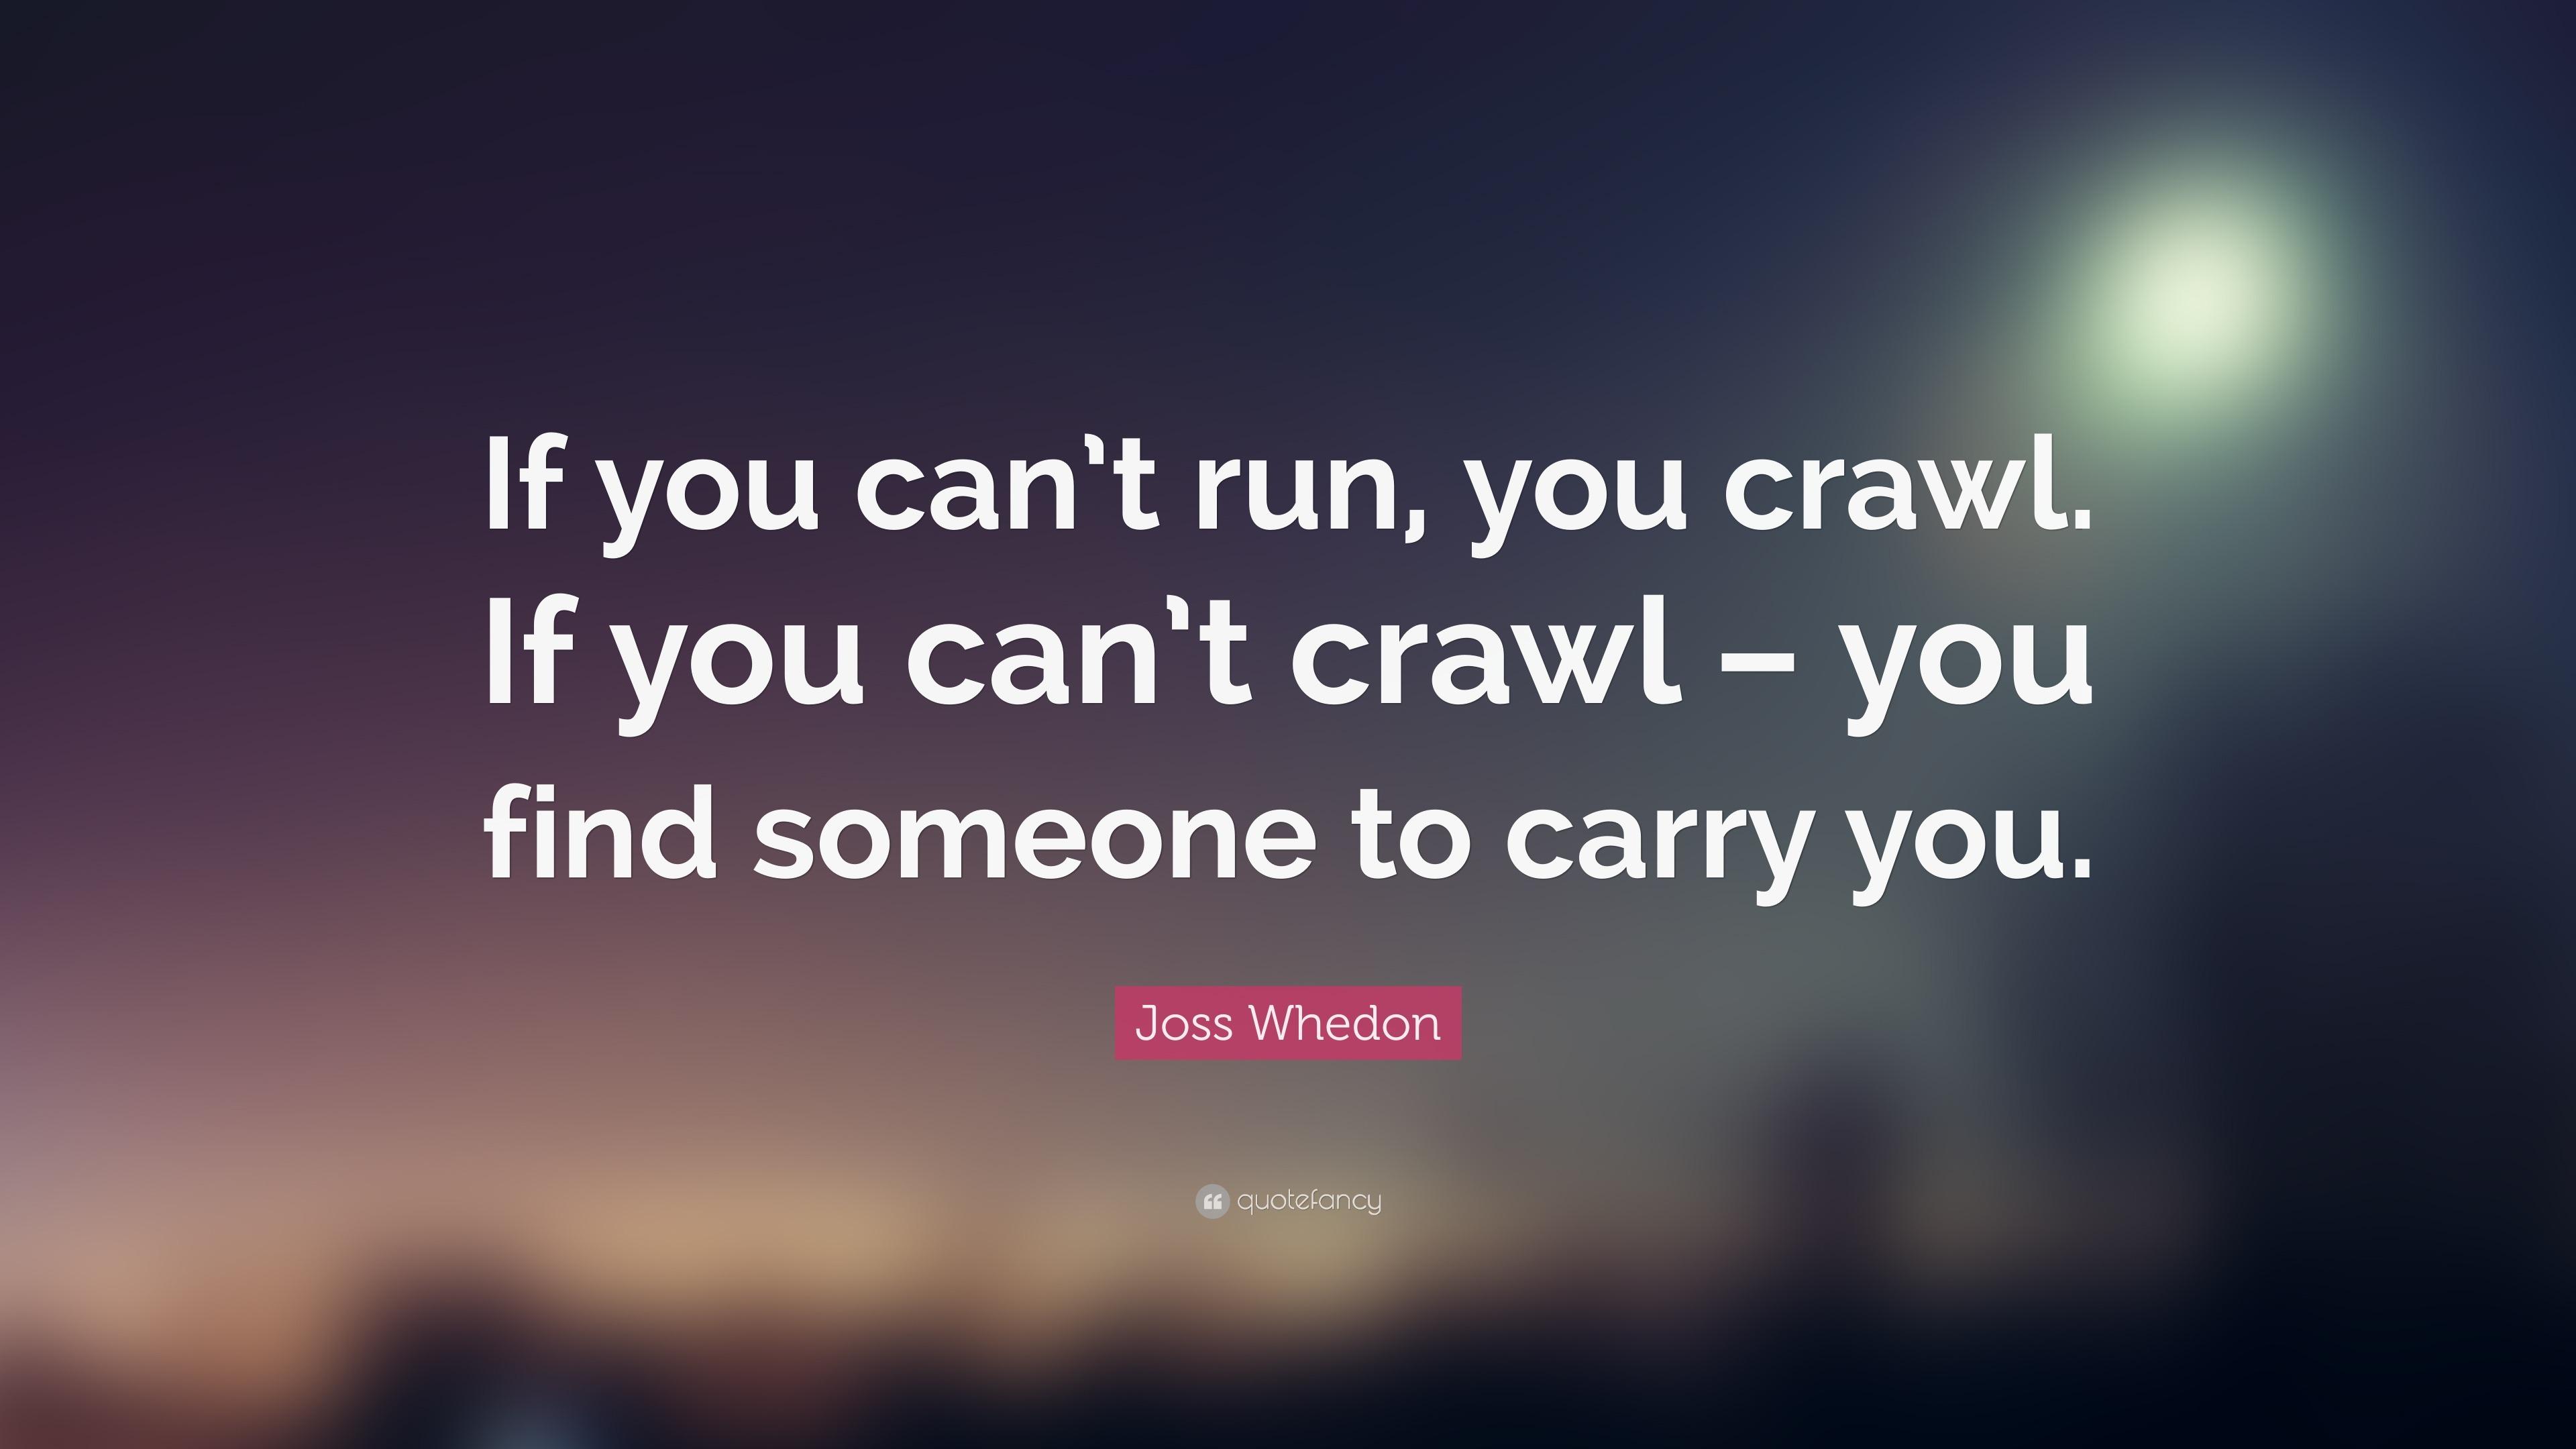 Joss Whedon Quote u201cIf you canu0027t run